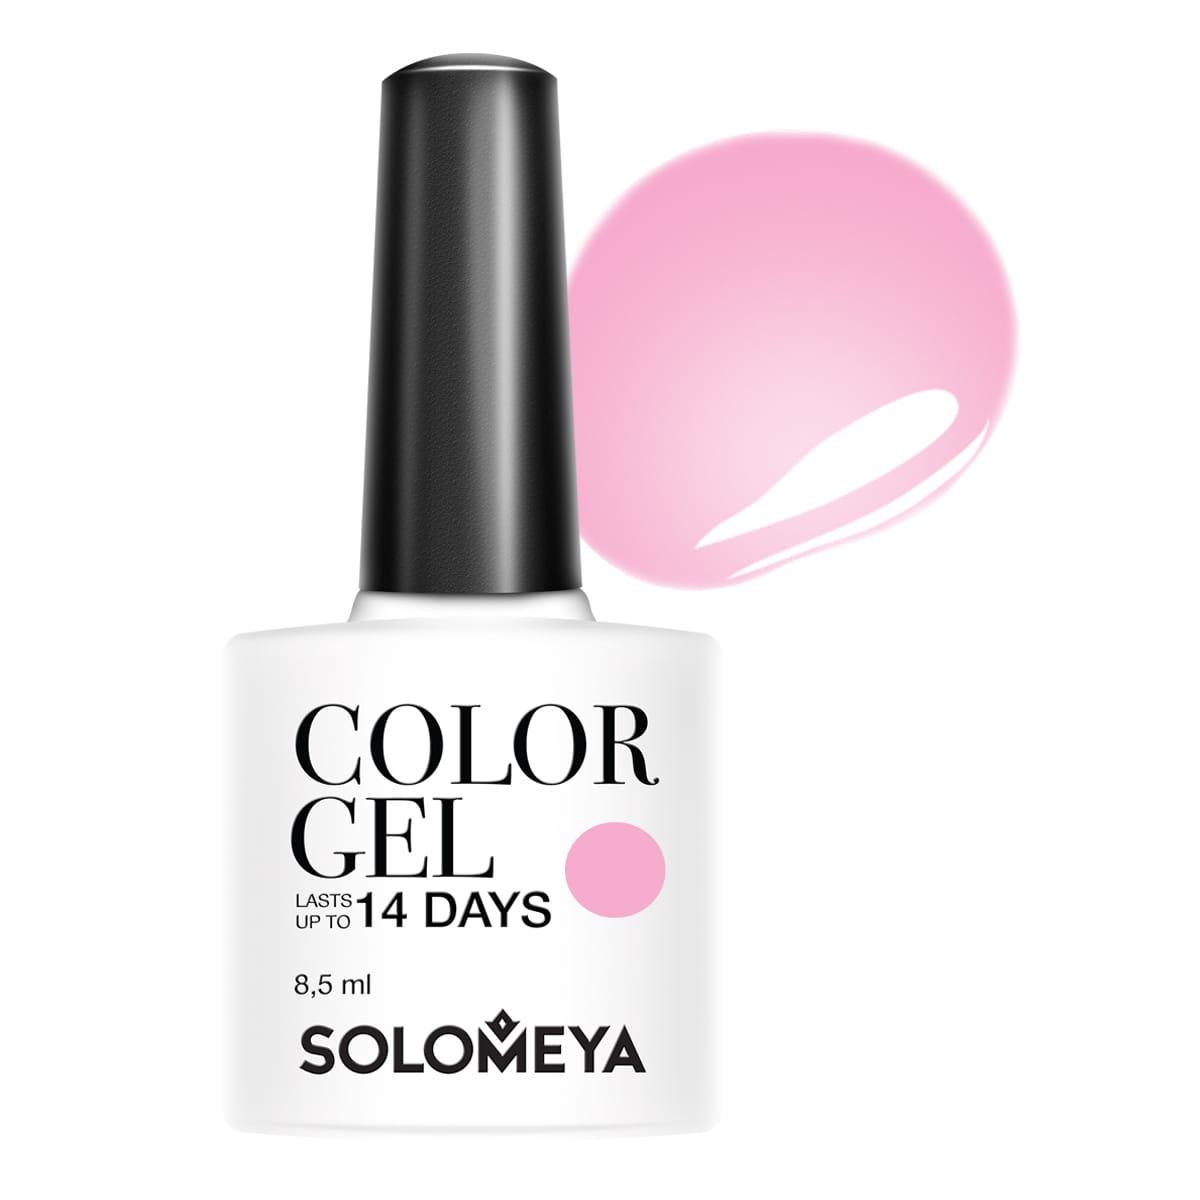 SOLOMEYA Гель-лак Solomeya Color Gel Leticia SCGT009/Летиция 8,5 млГель-лаки<br>Гель-лак Color Gel Solomeya подарит маникюру яркость, палитру из 100 оттенков и стойкость до 21 дня. Благодаря оптимальной консистенции он легко и равномерно наносится, не оставляя пузырьков и проплешин. В состав гель-лака входят качественные красители, обеспечивающие высокую пигментированность каждого оттенка. Не содержит толуол, растворители и отвердители. Способ применения: поверх базового геля нанесите 1 тонкий слой средства, запечатывая торцы ногтей, и просушите в UV-лампе (36 Вт) 1 минуту или в LED-лампе - 30 секунд. Затем нанесите второй слой цветного гель-лака, также запечатывая торцы ногтей, и просушите в UV-лампе (36 Вт) 1 минуту или в LED-лампе - 30 секунд.<br><br>Цвет: Розовые<br>Виды лака: Глянцевые